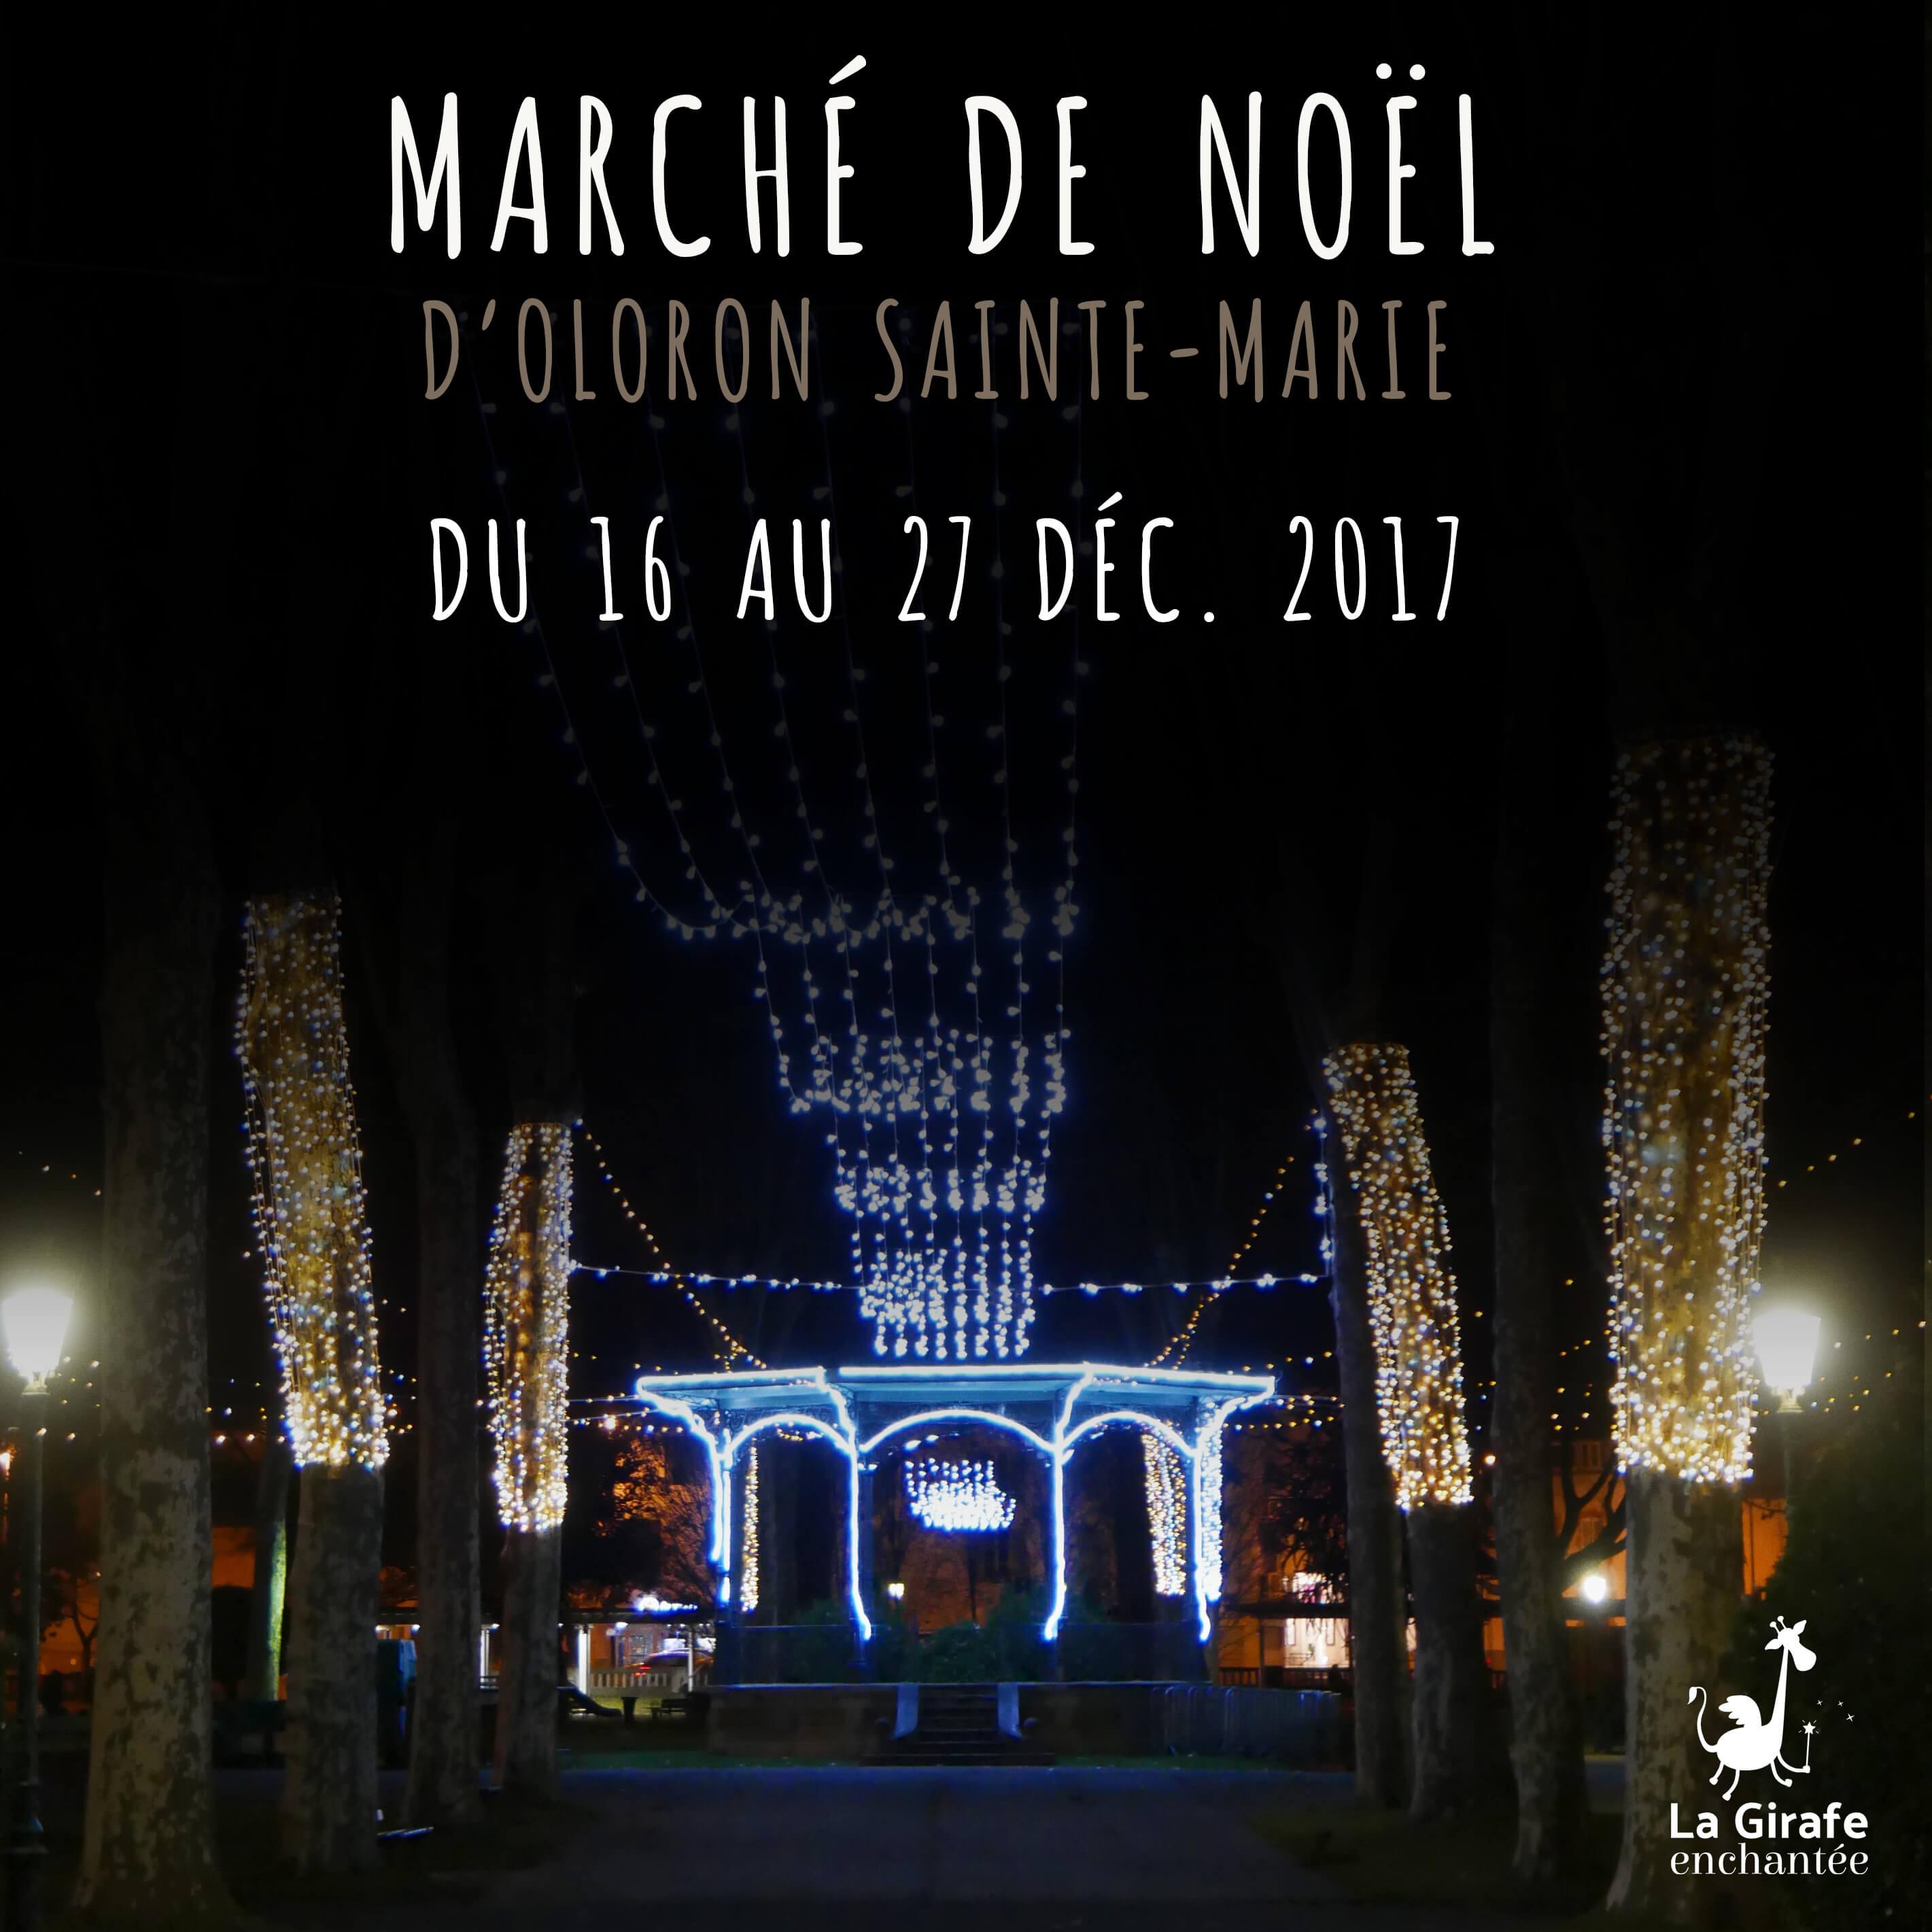 Marché de Noël Oloron Sainte-Marie